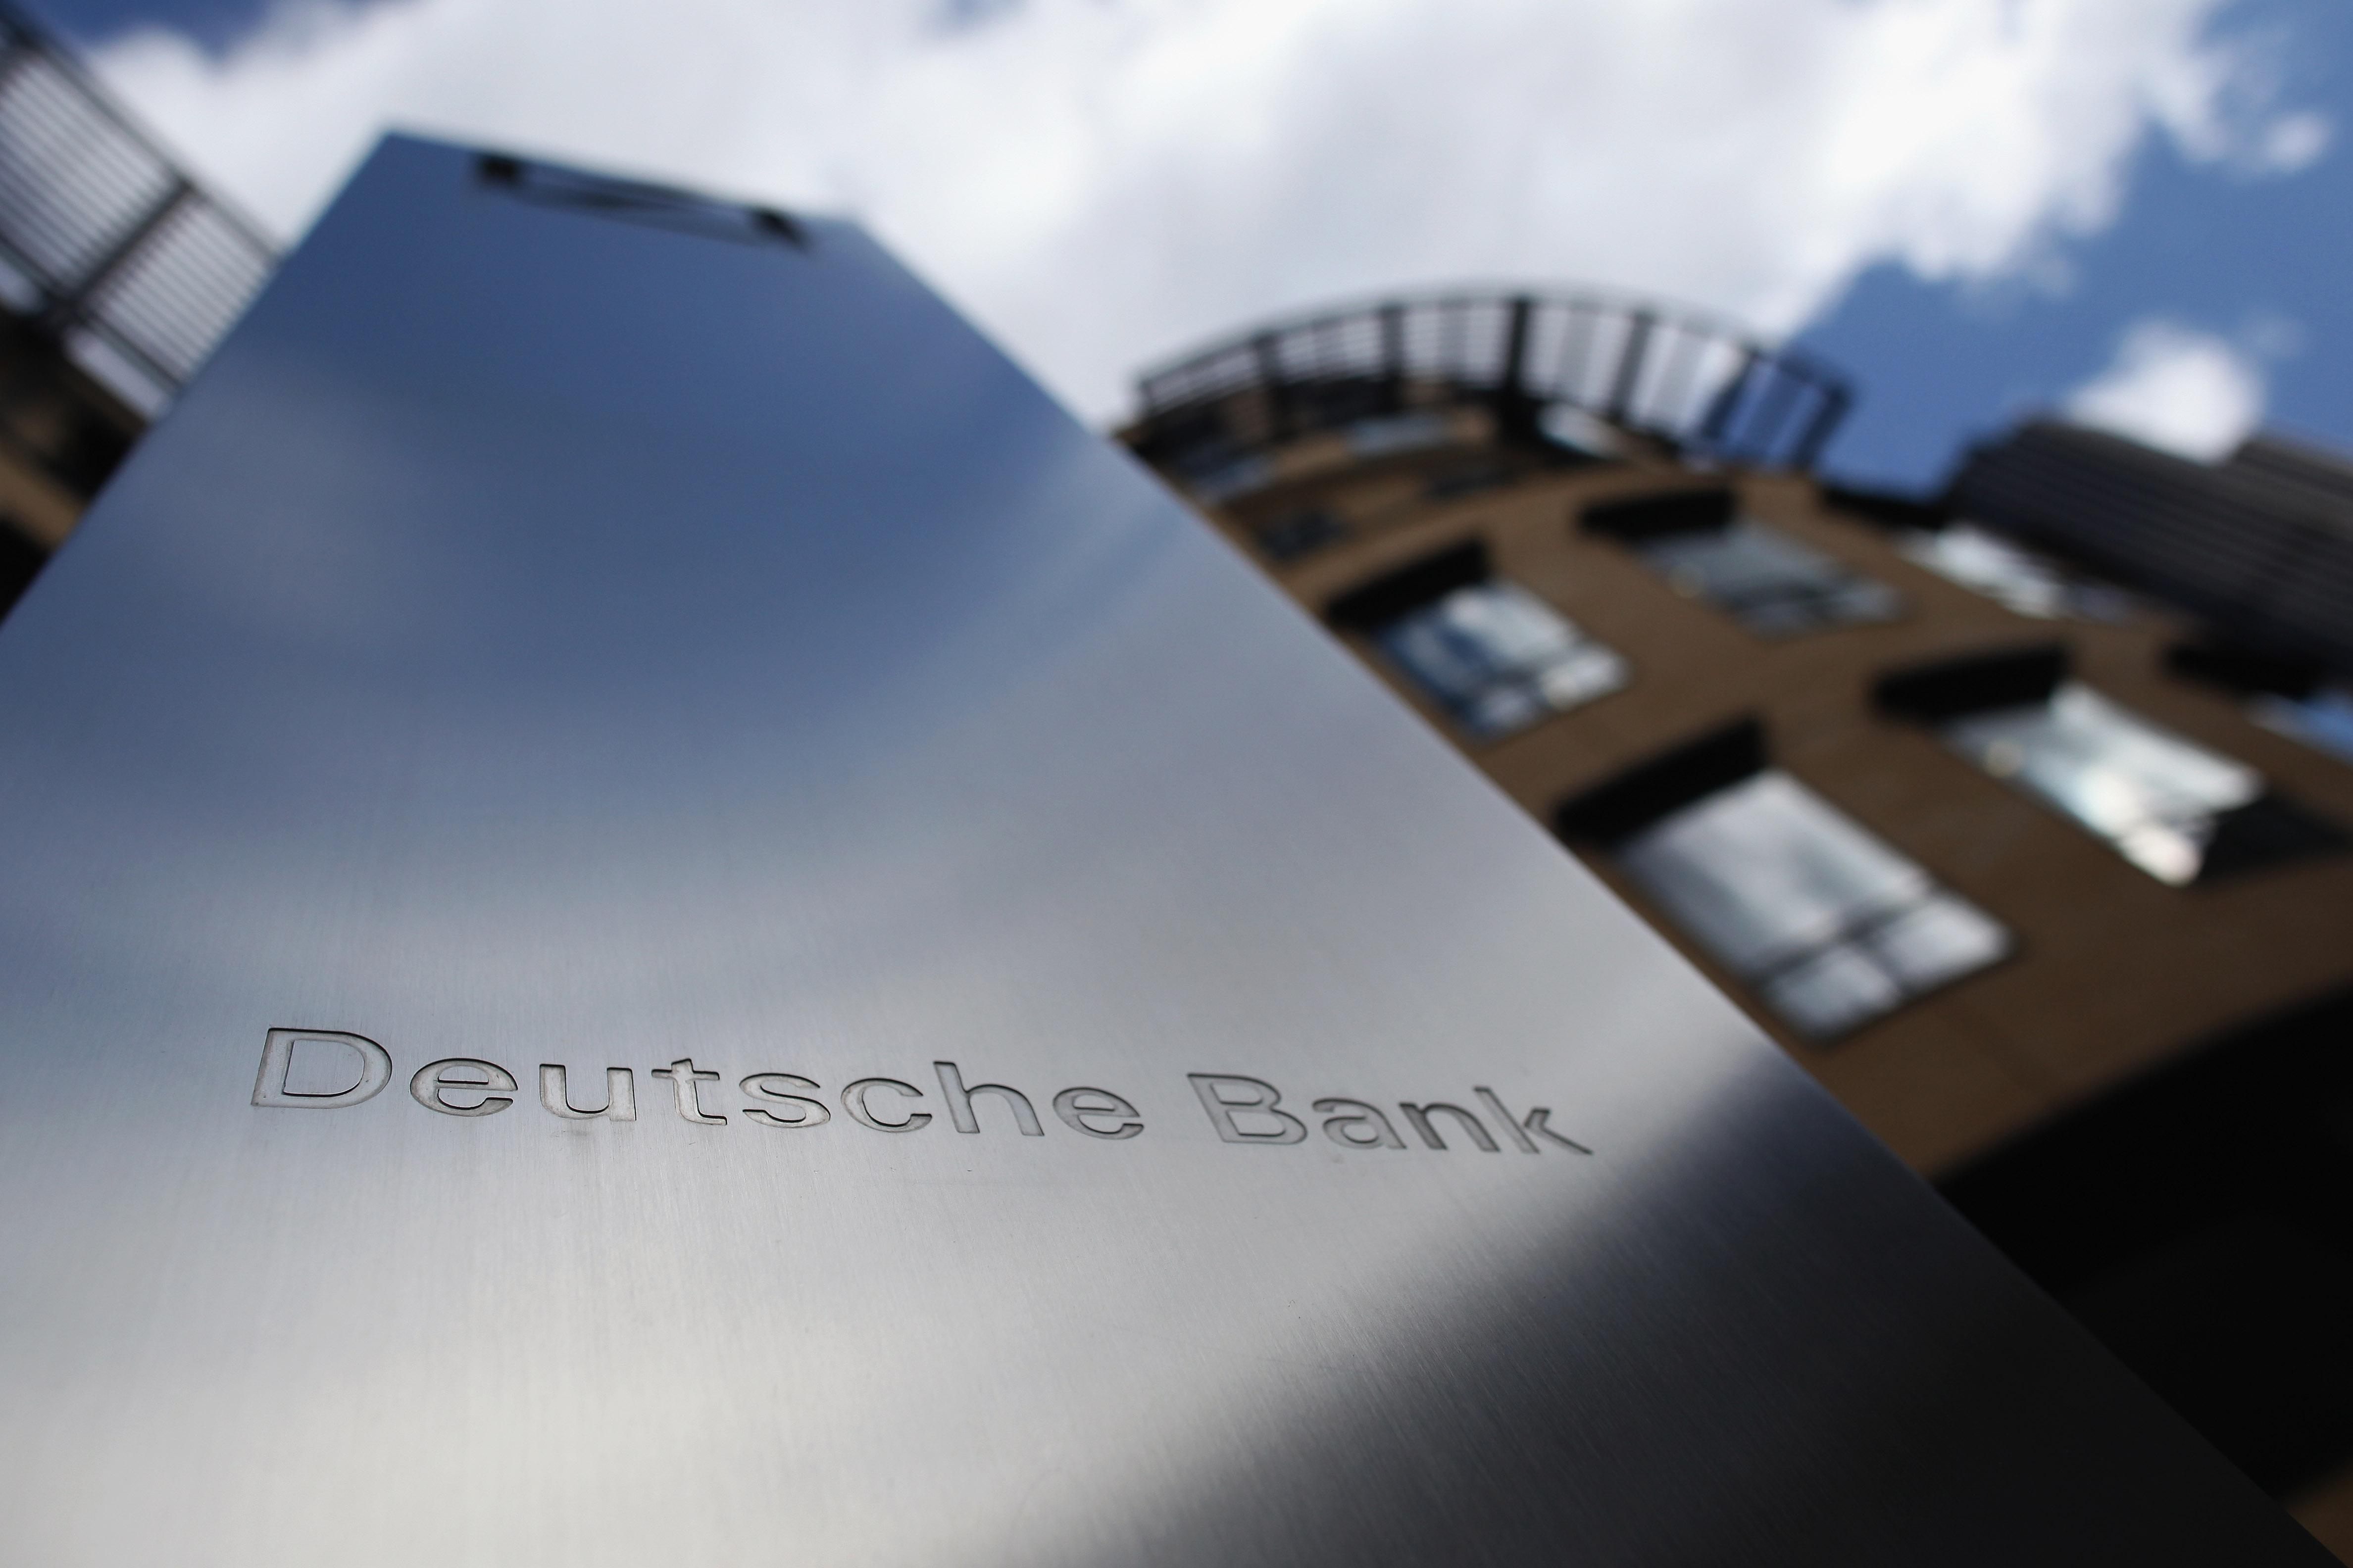 Serious Fraud Office Probe Deutsche Bank Over Securities Sales